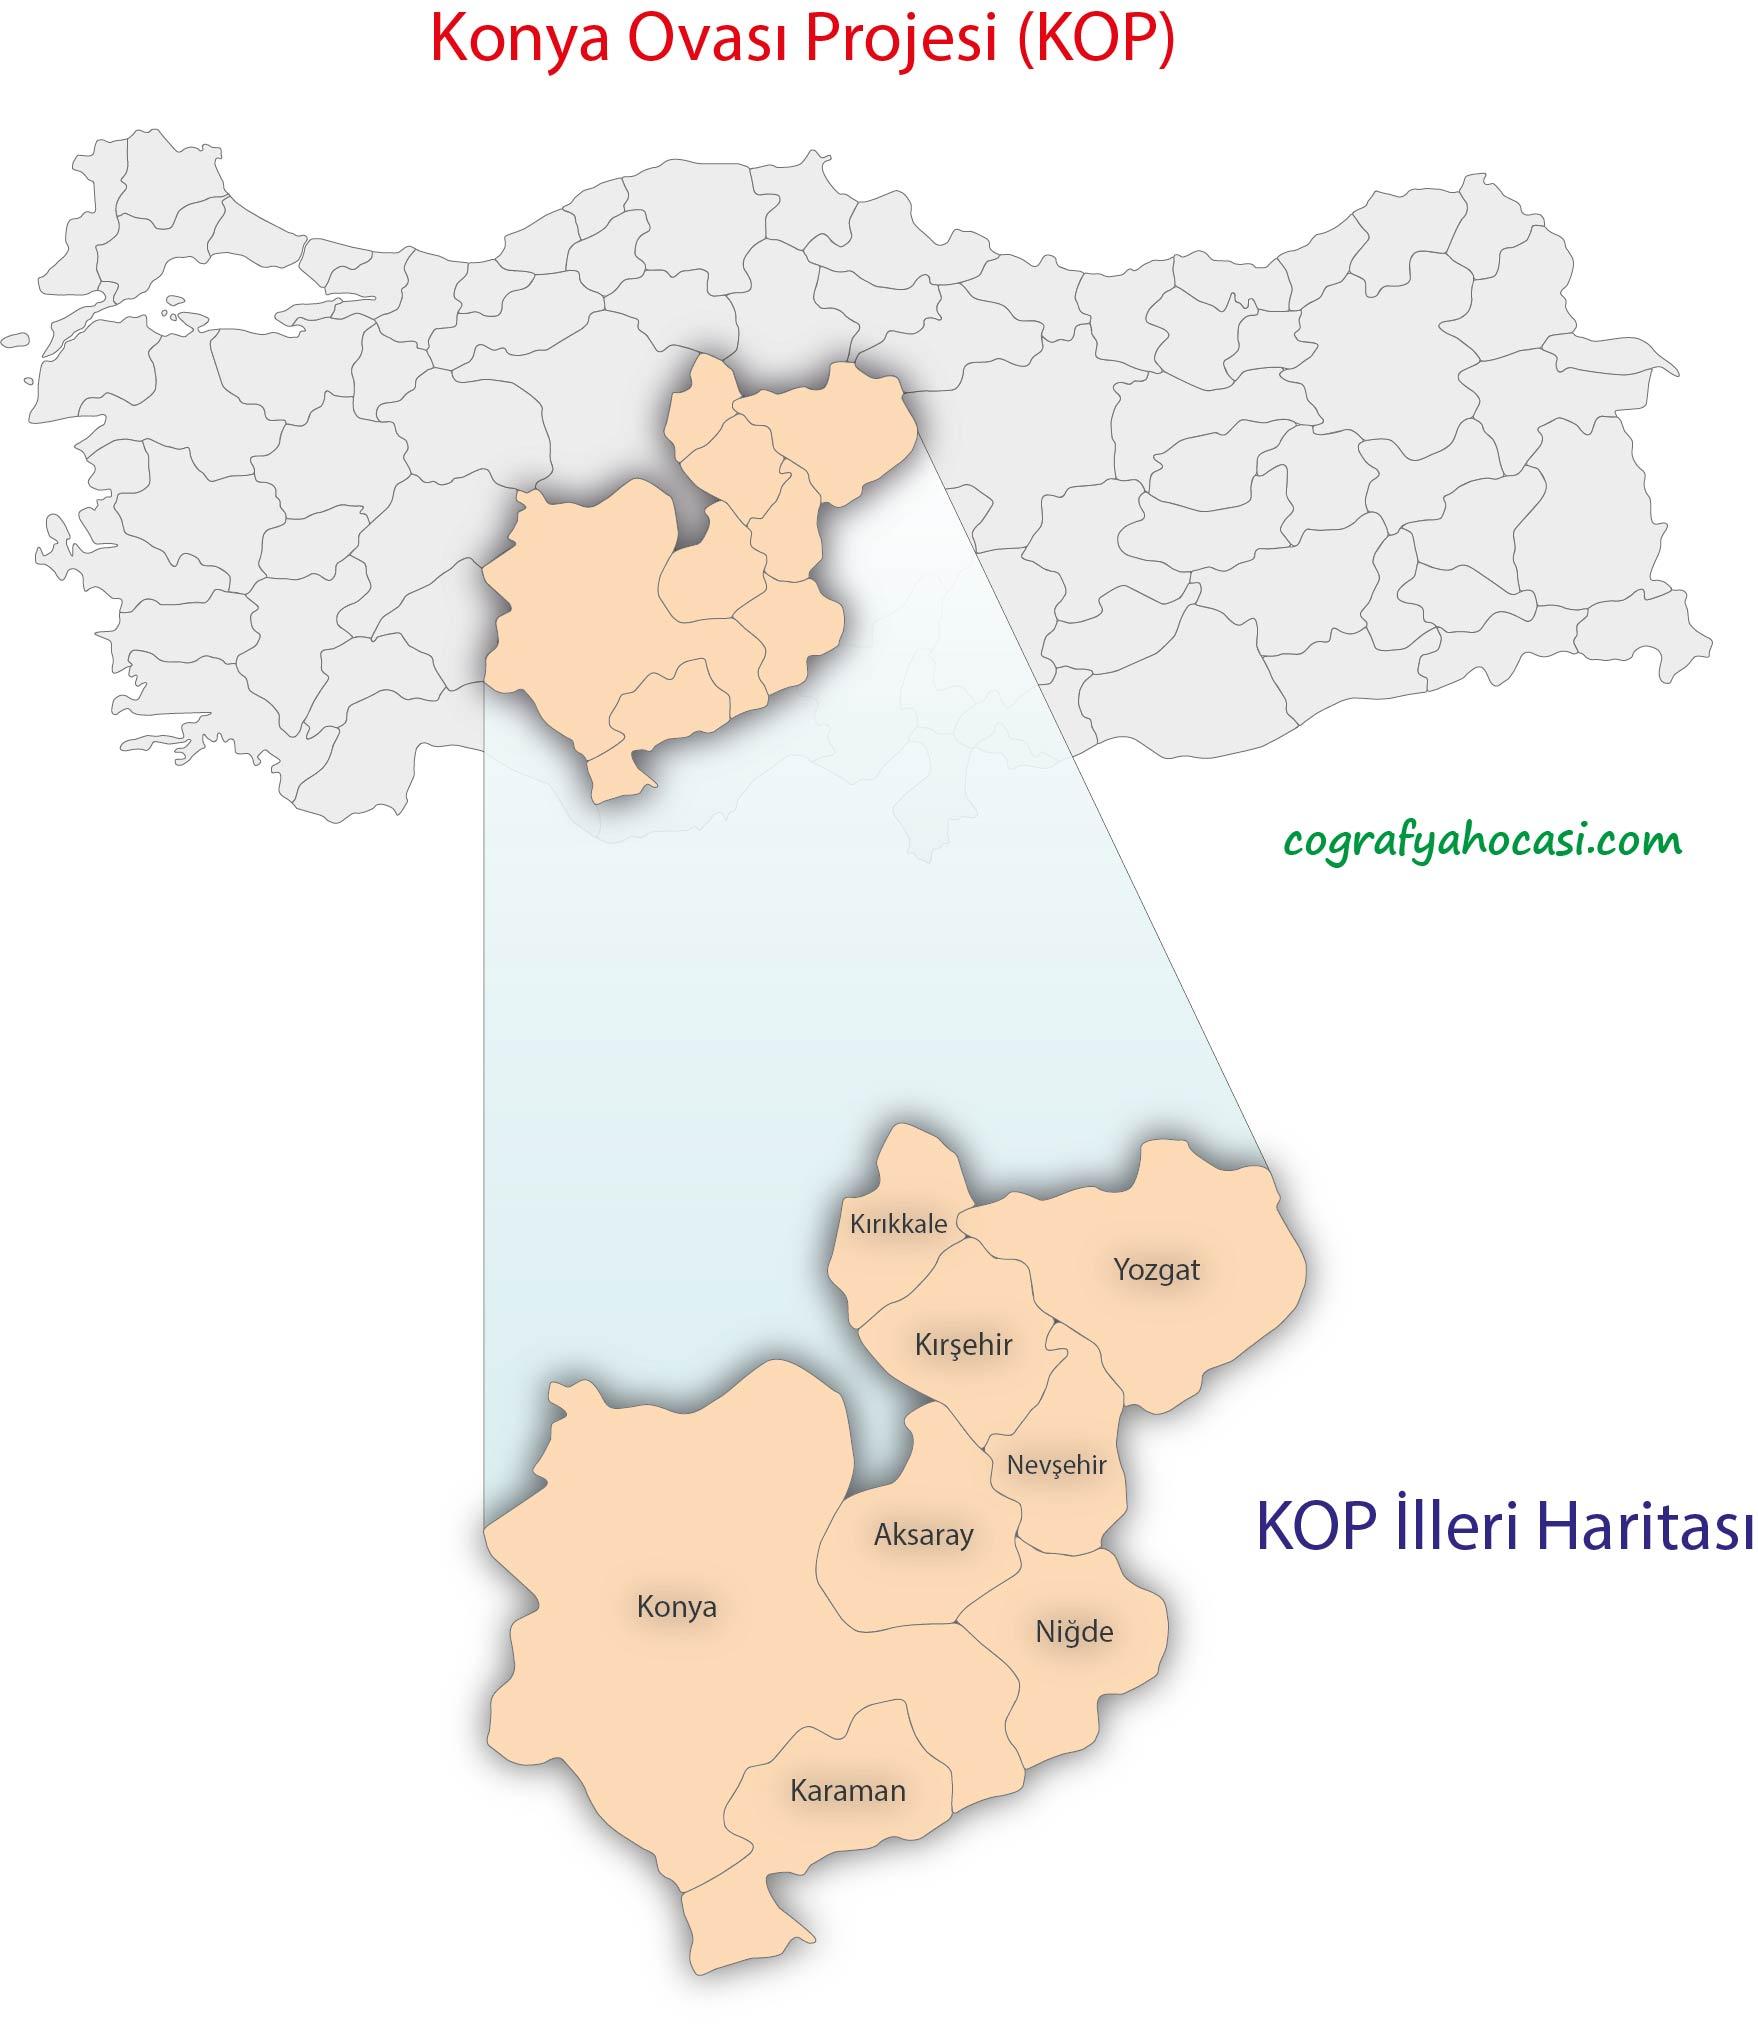 Konya Ovası Projesi Harita